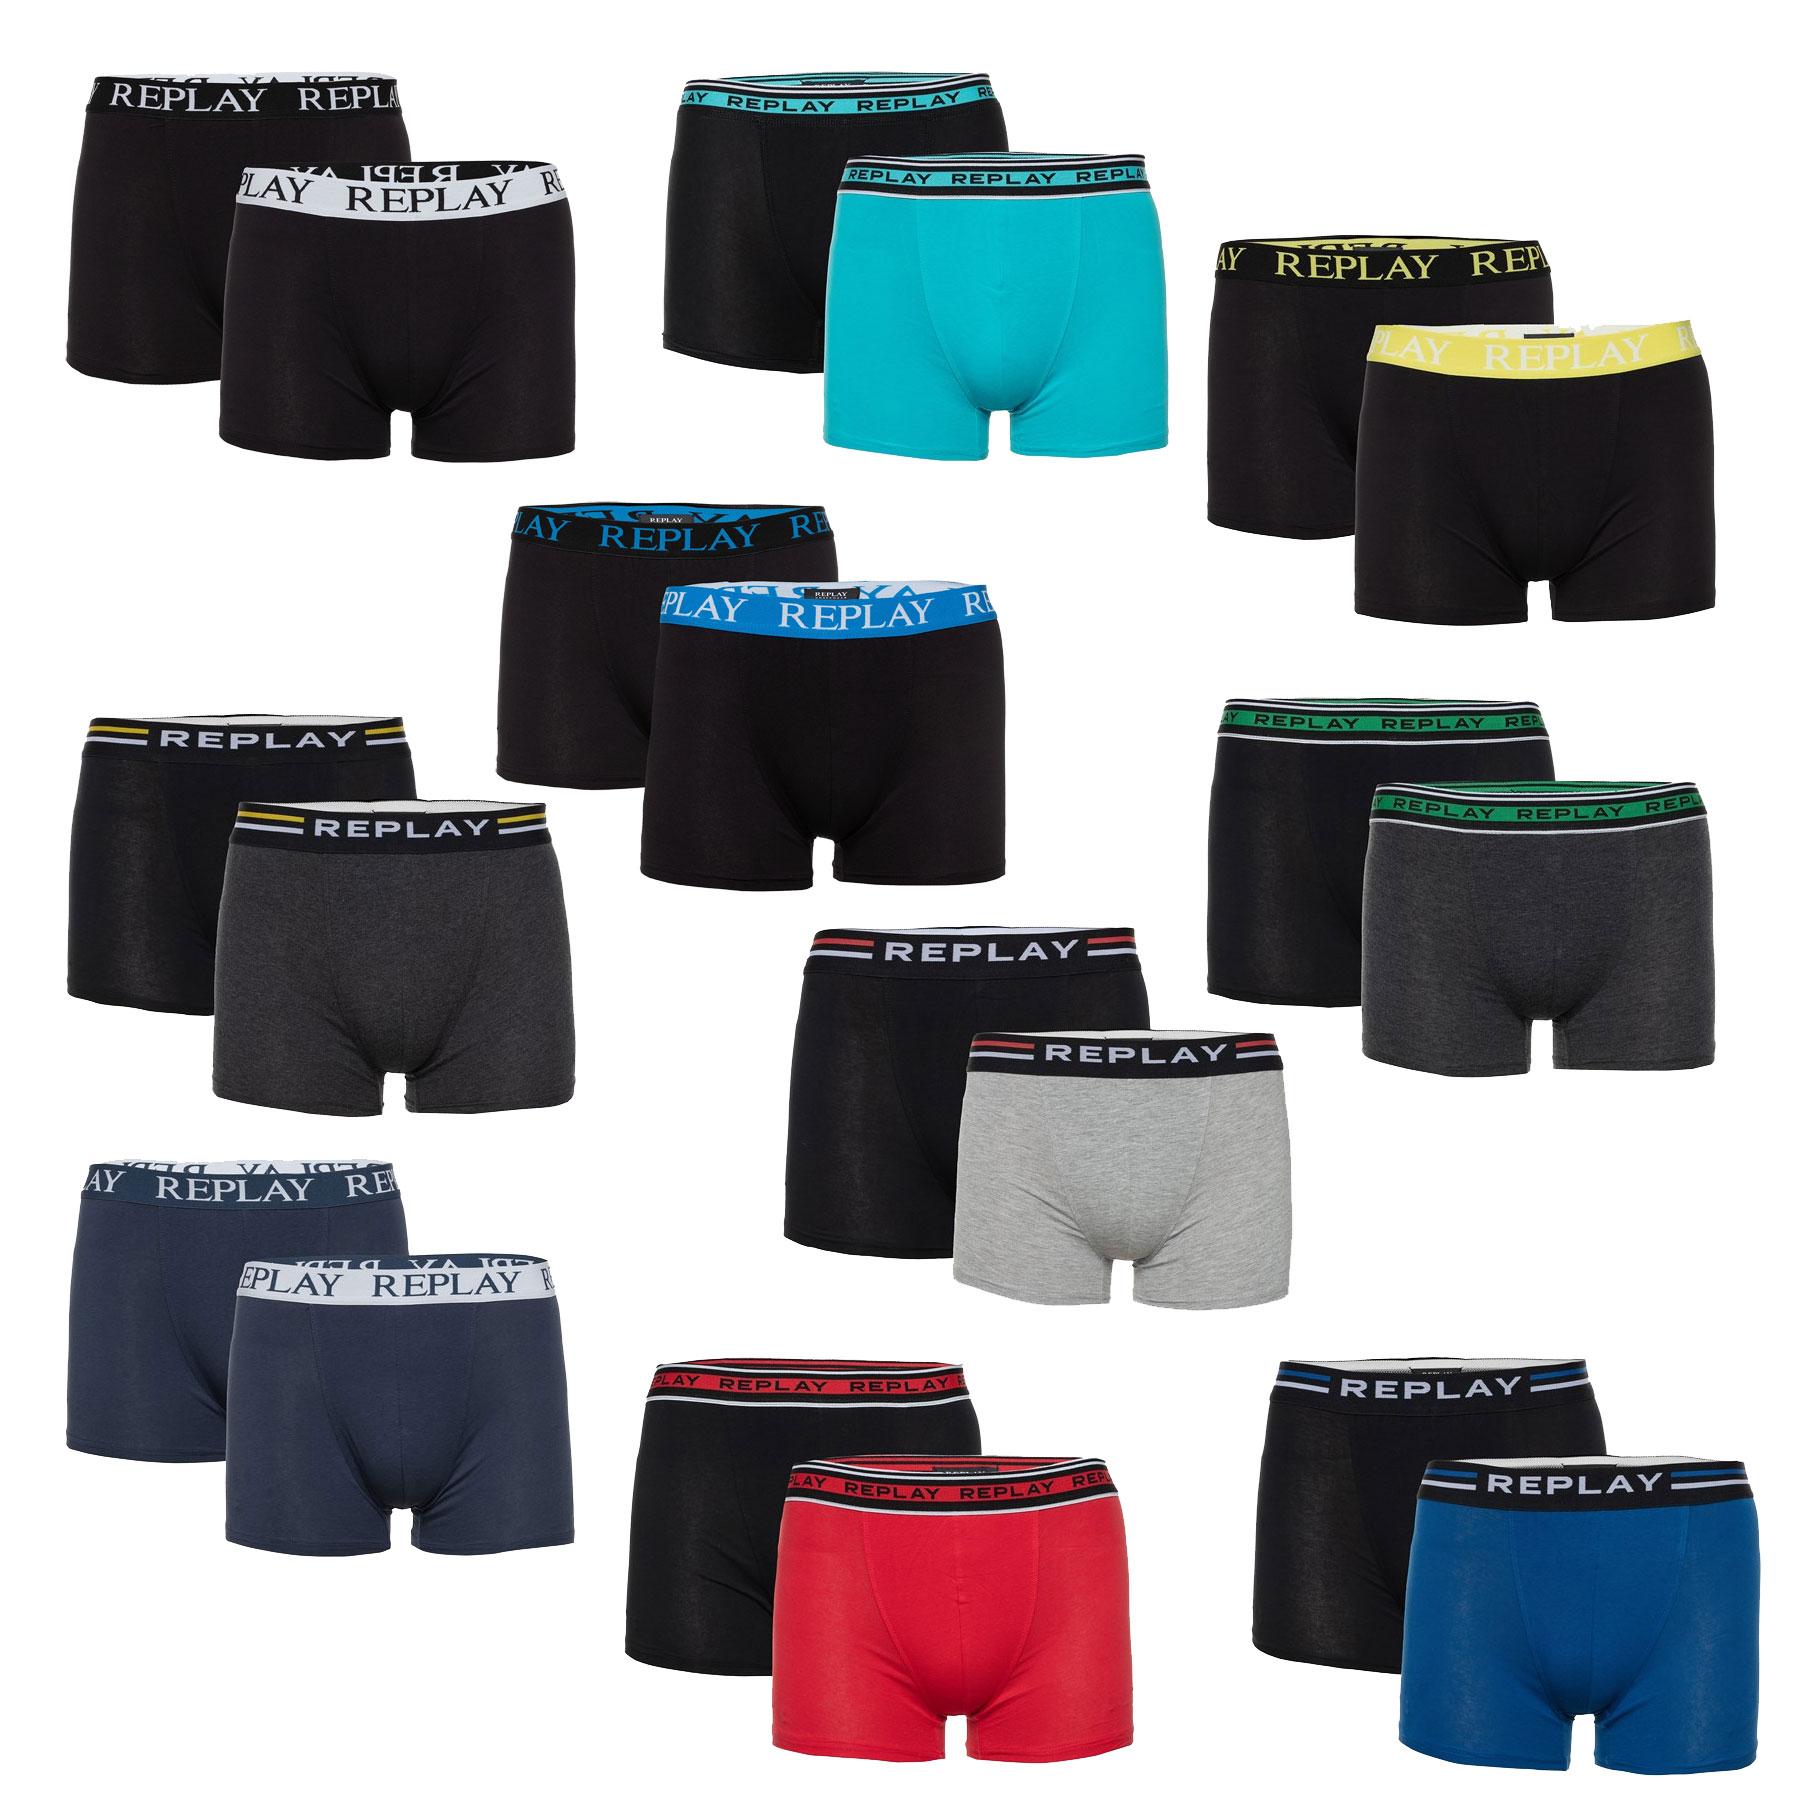 REPLAY 2-pack boxers: van €20 voor €11,99 + 2+1 gratis = 6 voor €23,98